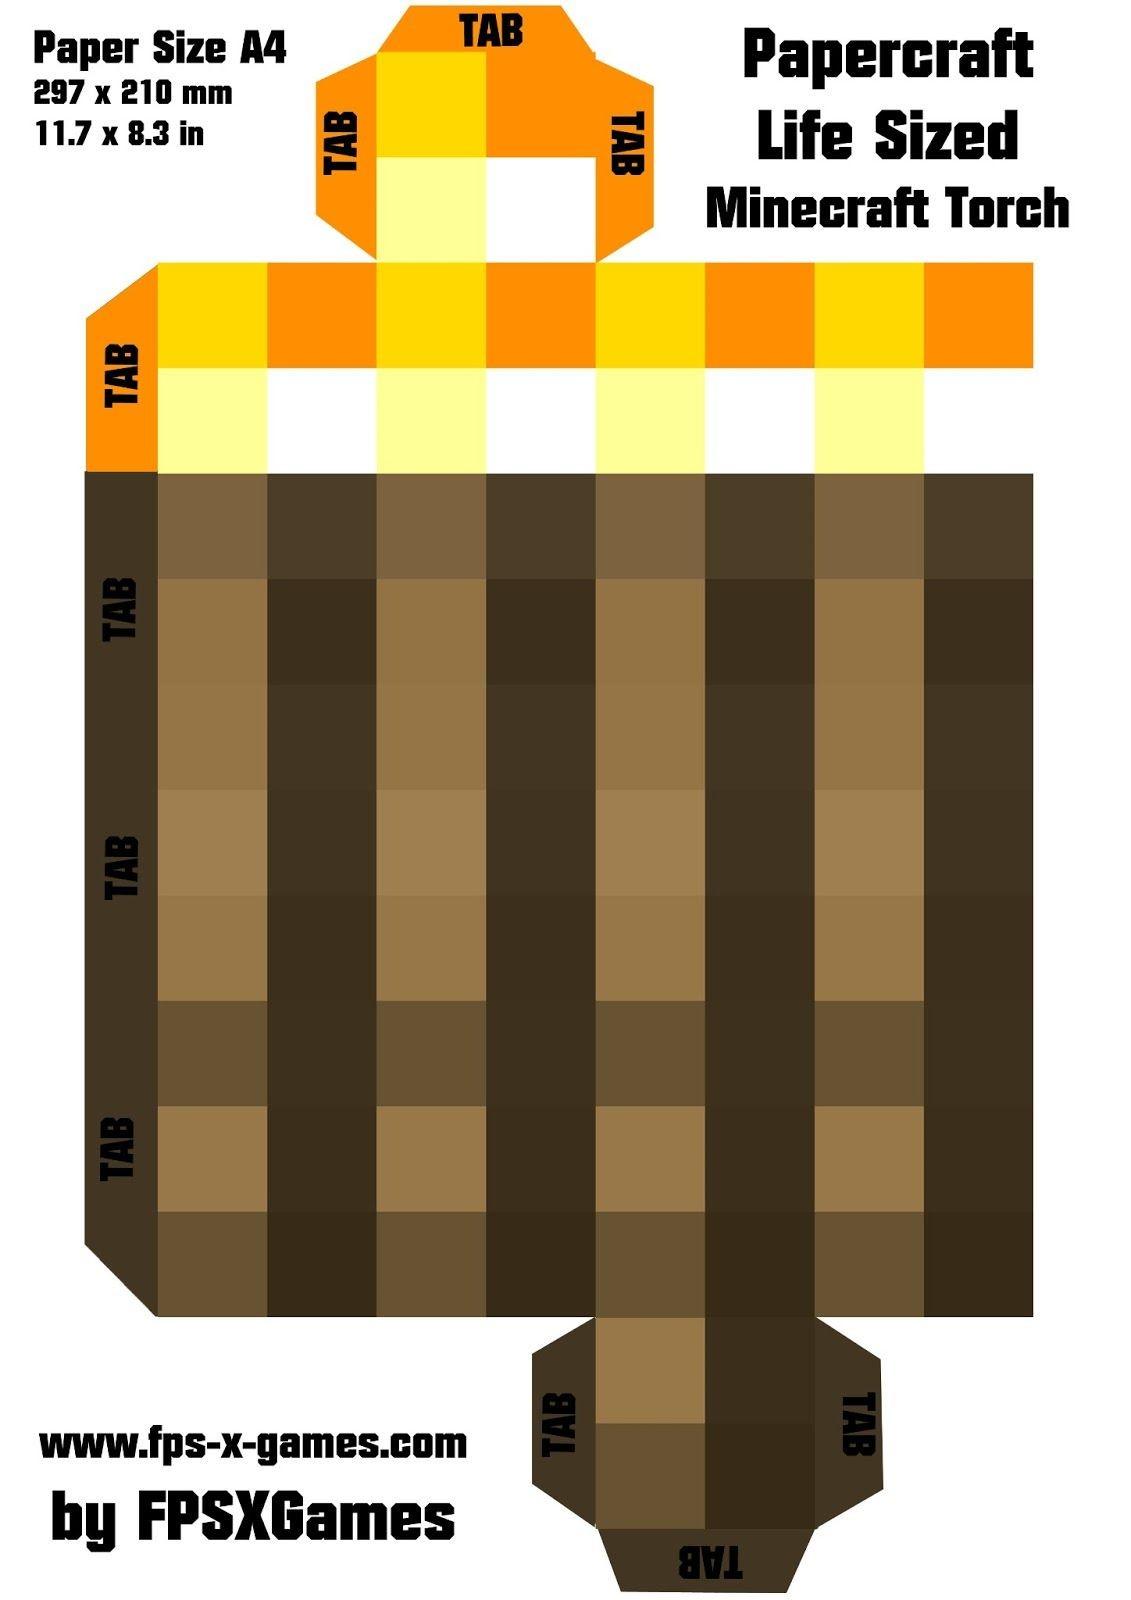 Papercraft Treasure Chest Artesanato De Minecraft Passo A Passo – tocha Molde